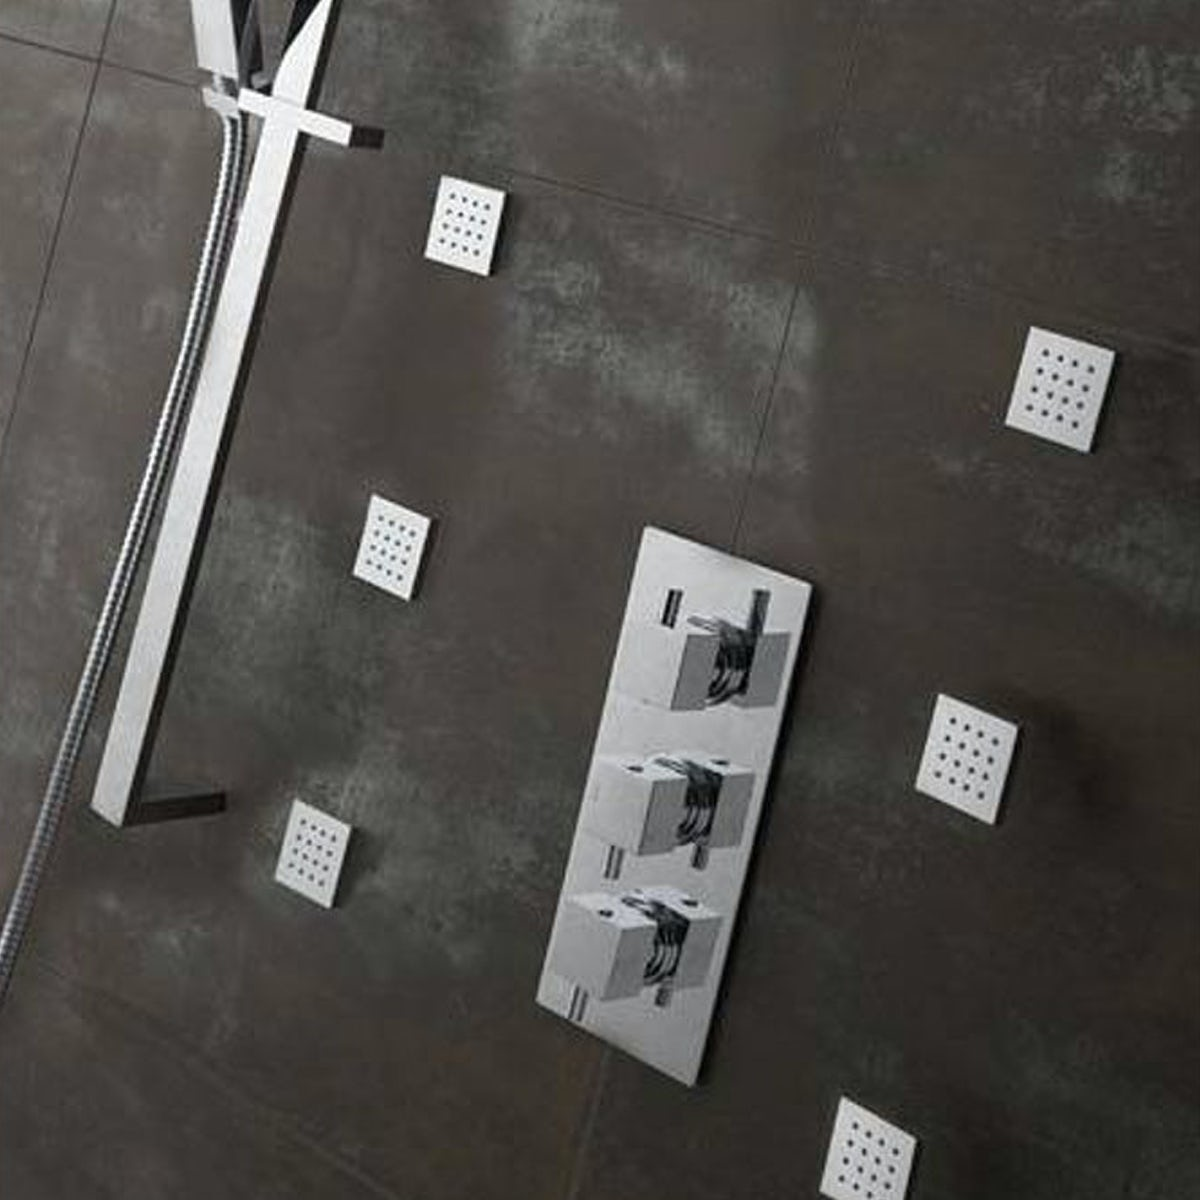 Mode Square shower body jet | VictoriaPlum.com